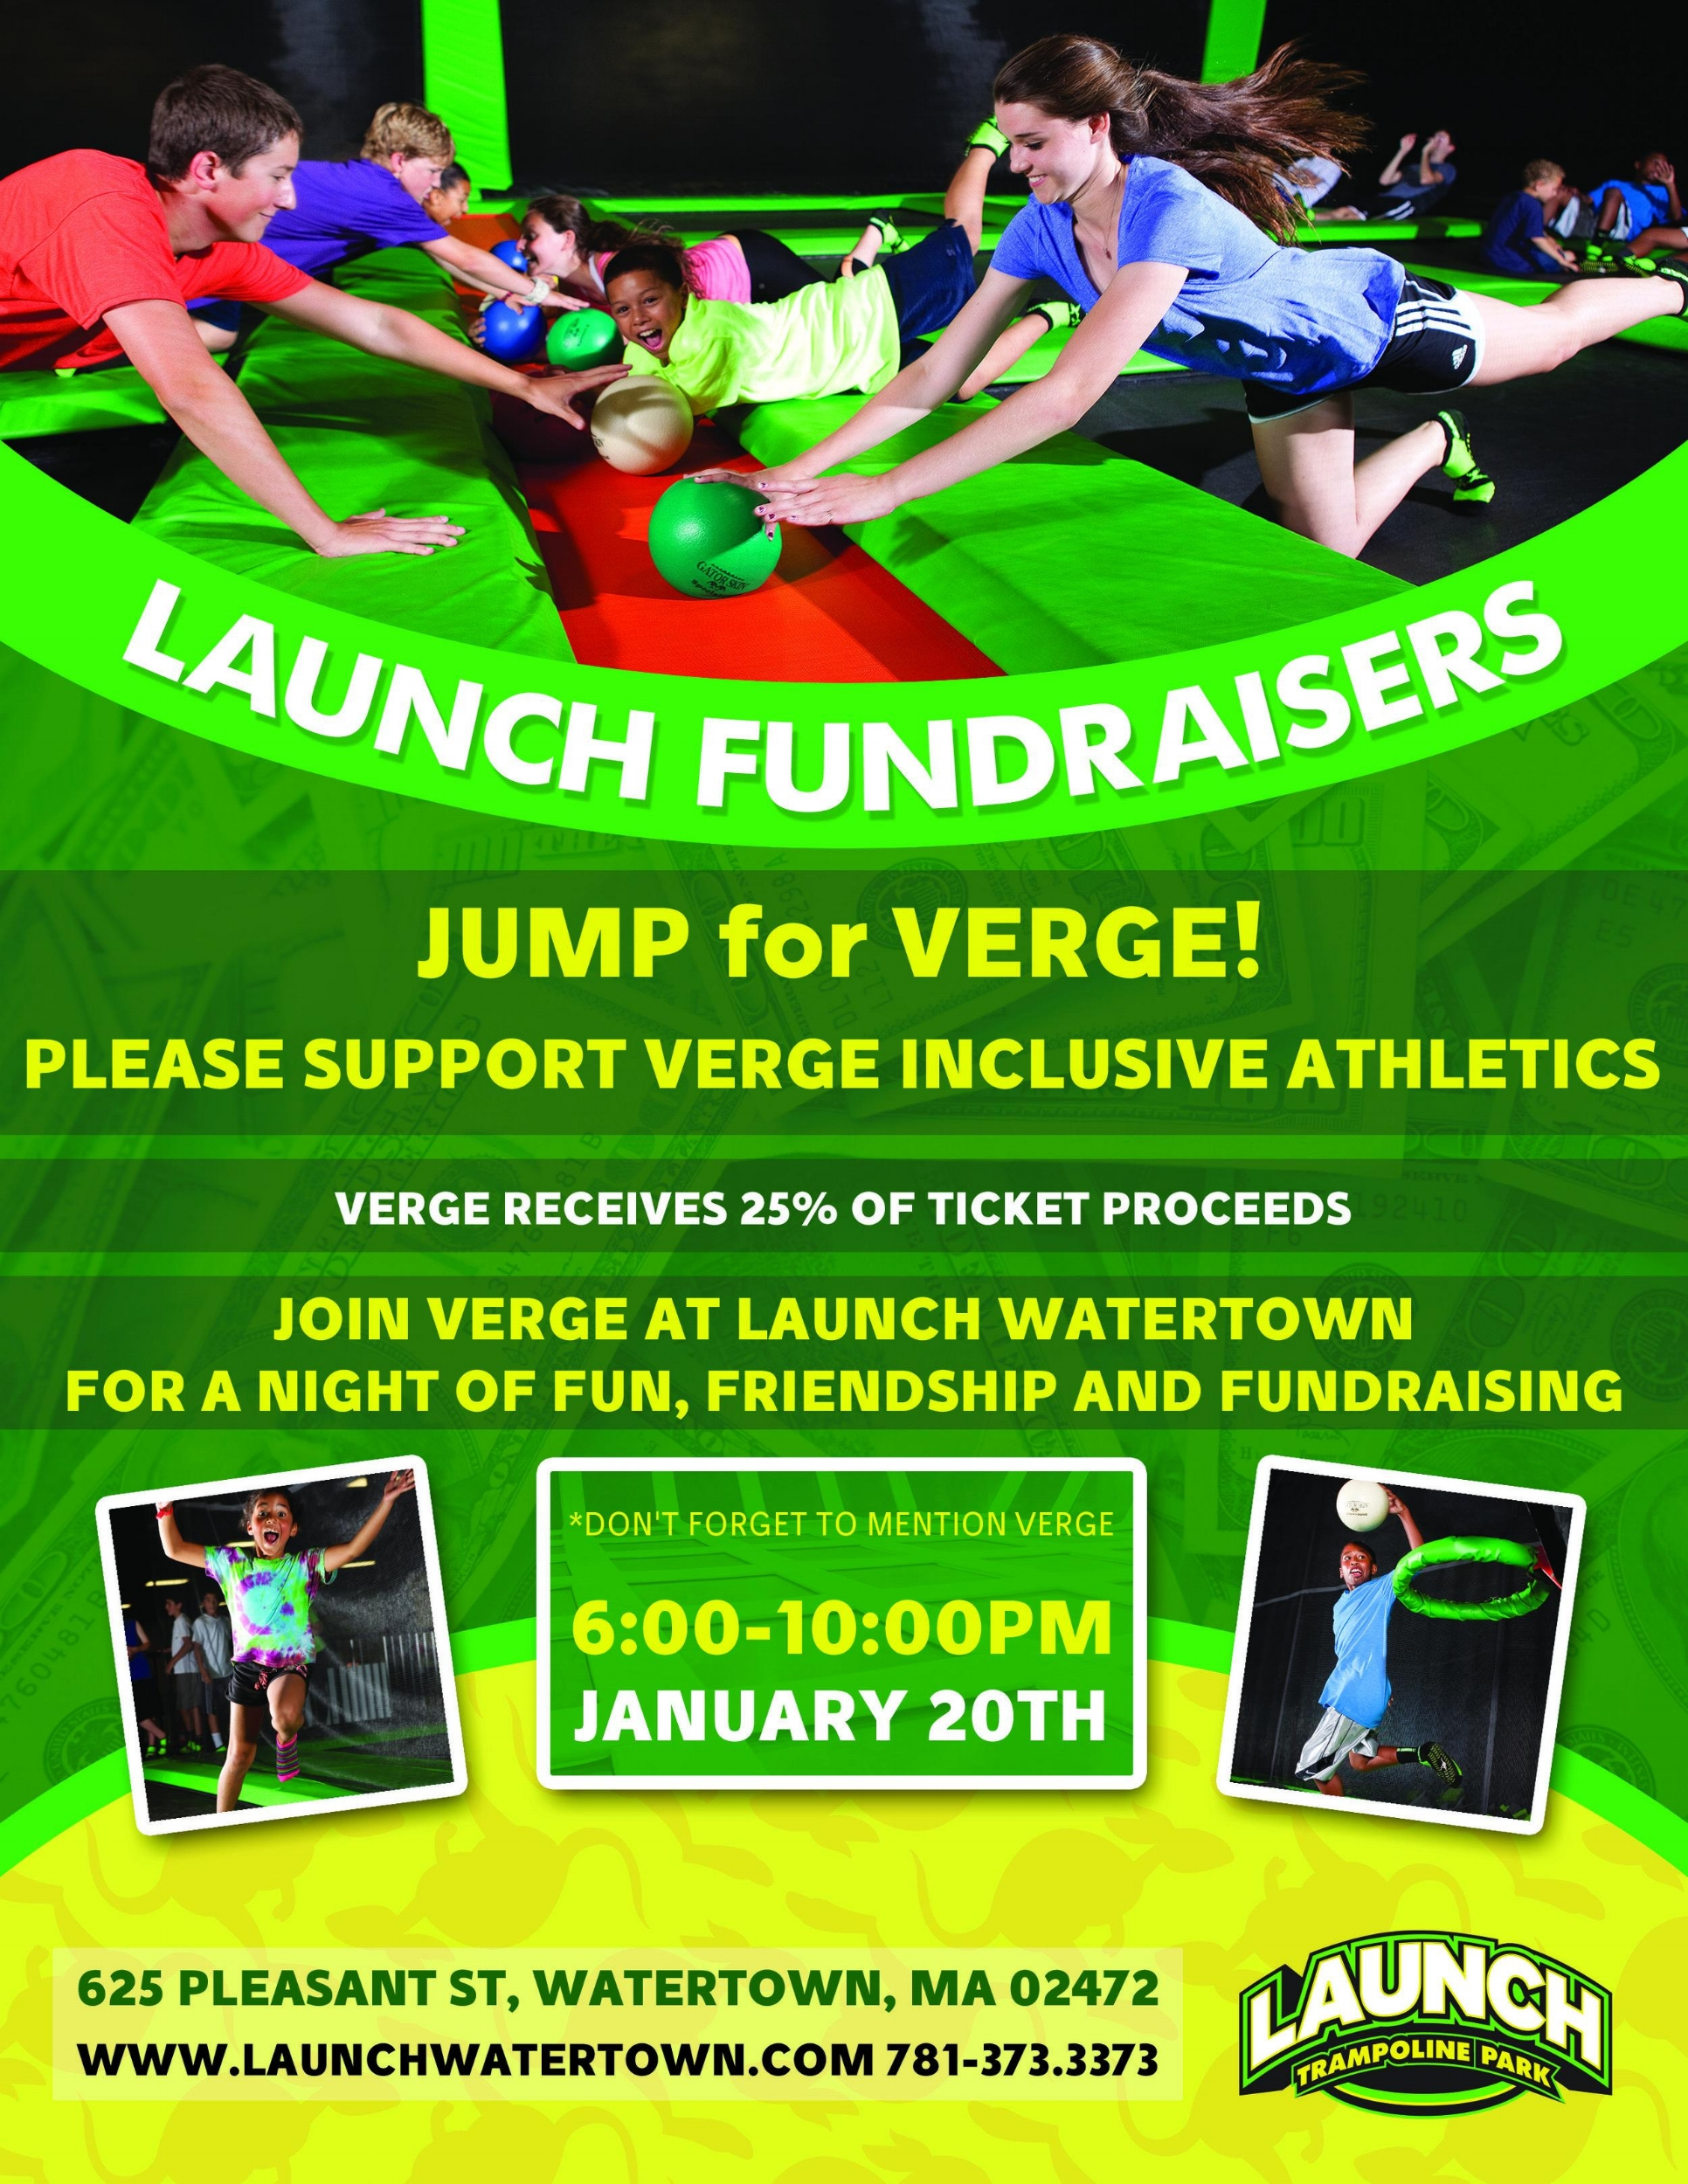 VERGE Fundraiser Flyer.jpg